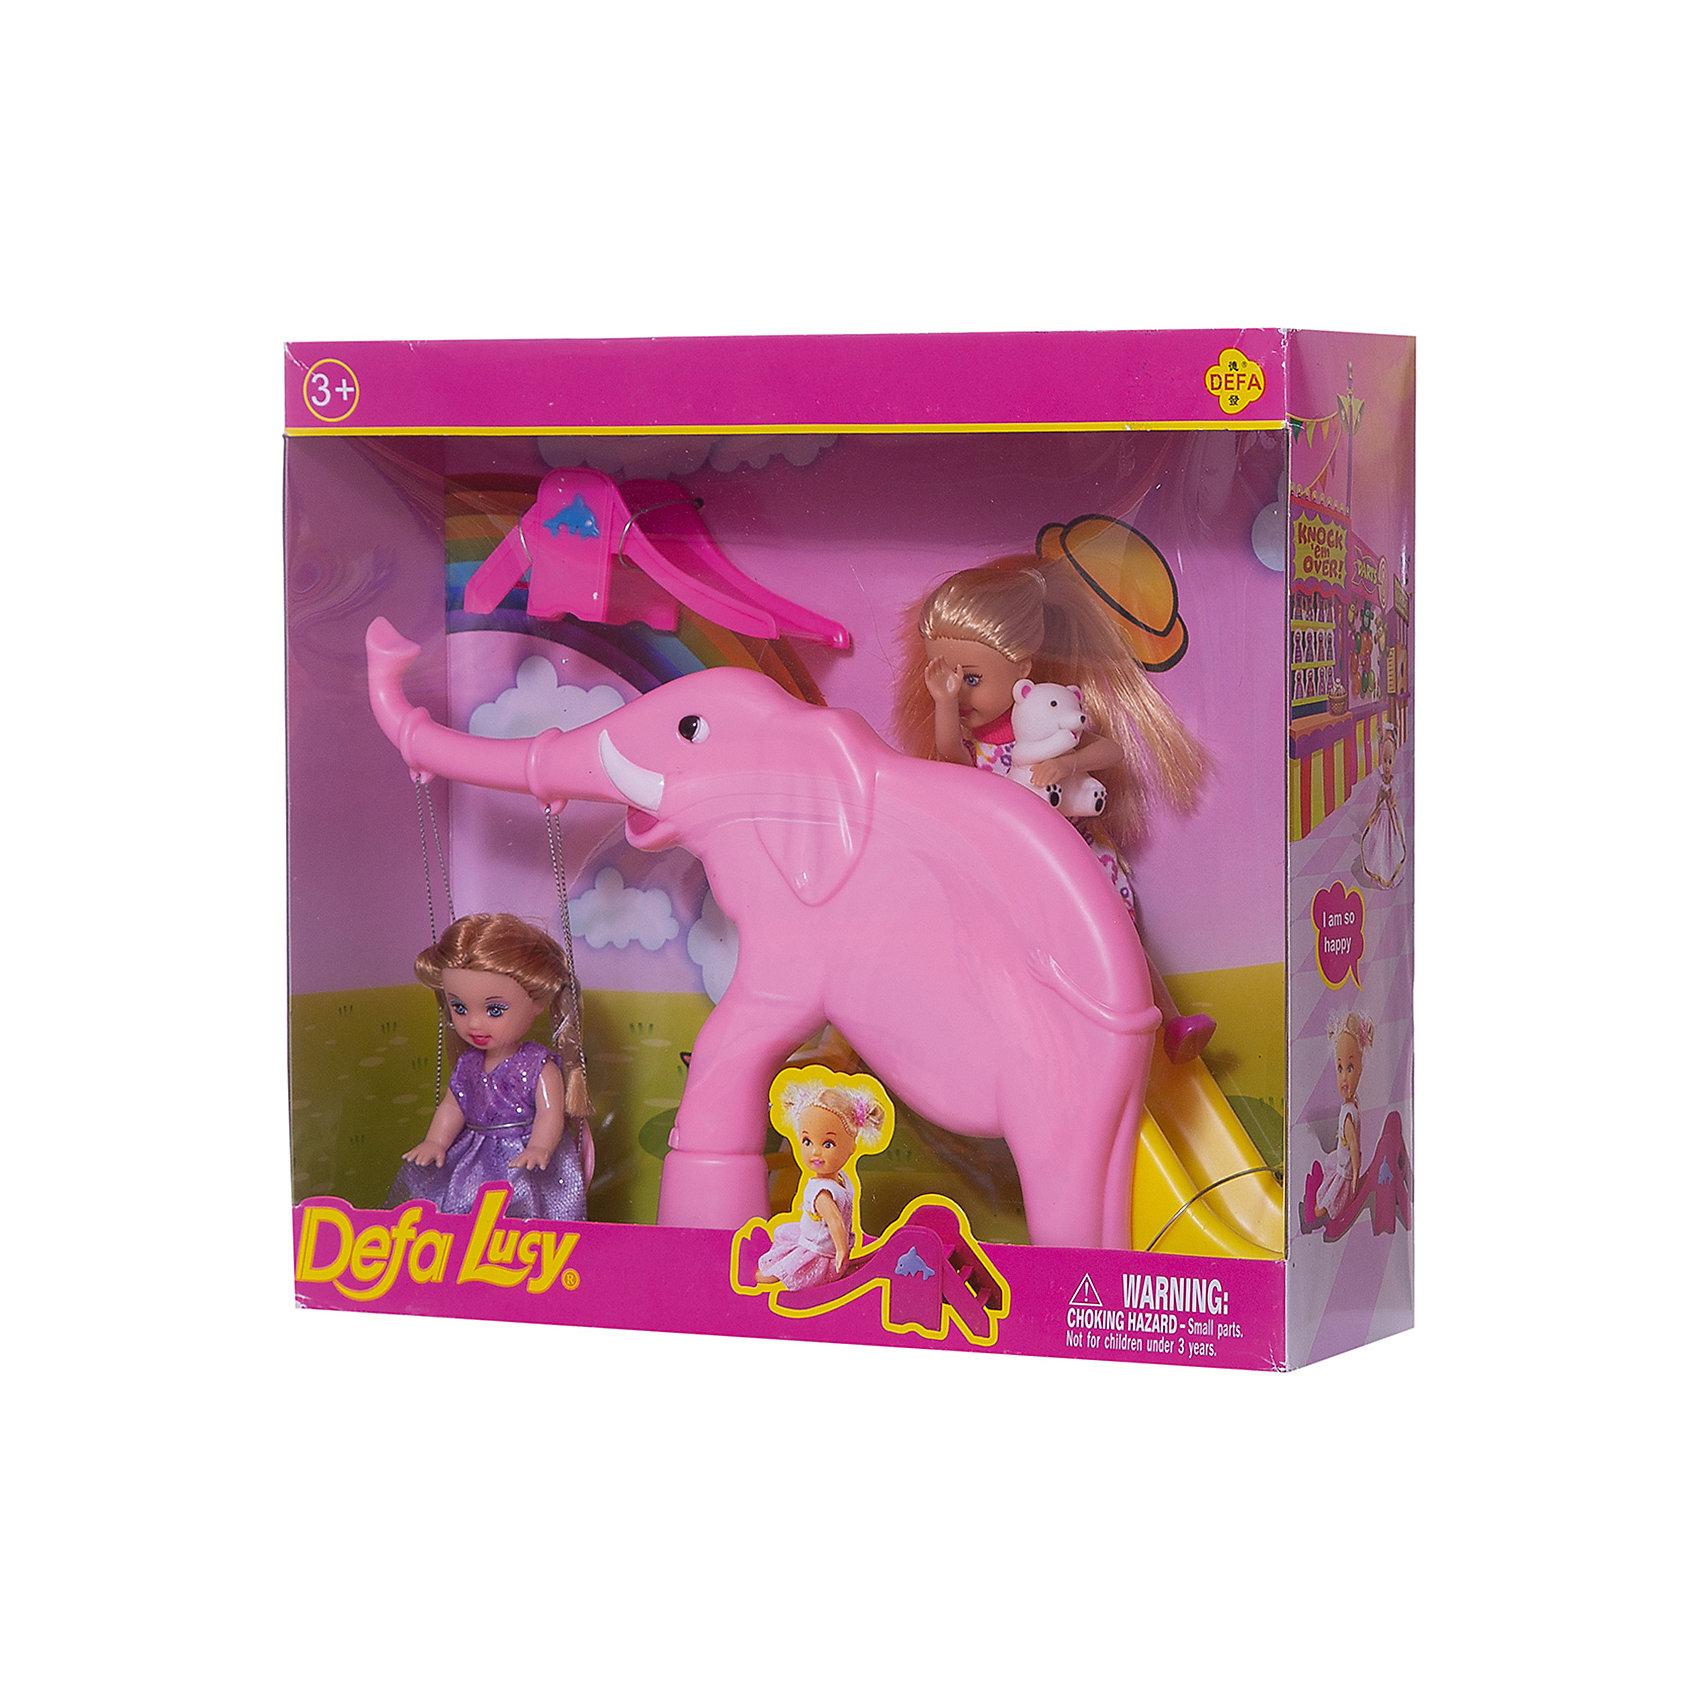 Набор из 2-х кукол В зоопарке, 11 см, 14 см, Defa LucyМини-куклы<br>Характеристики товара:<br><br>• возраст от 3 лет;<br>• материал: пластик, текстиль;<br>• в комплекте: 2 куклы, горка-слон;<br>• высота кукол 11 и 14 см;<br>• размер упаковки 28х25х8 см;<br>• вес упаковки 470 гр.;<br>• страна производитель: Китай.<br><br>Набор из 2 кукол «В зоопарке» Defa Lucy включает двух милых кукол, которые весело проводят время, катаясь на качелях и с горки в форме большого слона. Игрушки изготовлены из качественного безопасного материала.<br><br>Набор из 2 кукол «В зоопарке» Defa Lucy можно приобрести в нашем интернет-магазине.<br><br>Ширина мм: 280<br>Глубина мм: 250<br>Высота мм: 80<br>Вес г: 470<br>Возраст от месяцев: 36<br>Возраст до месяцев: 72<br>Пол: Женский<br>Возраст: Детский<br>SKU: 5581292